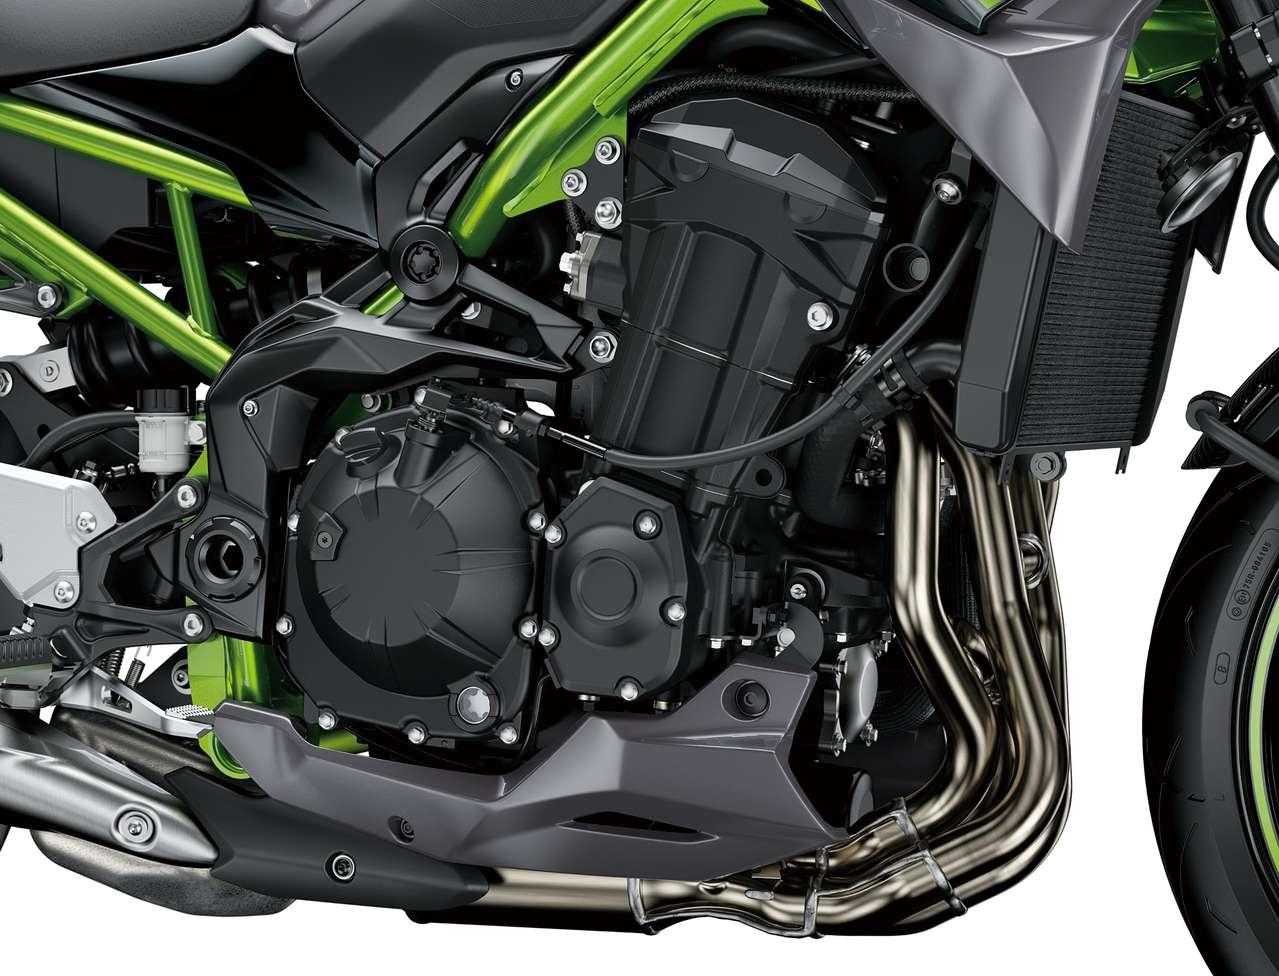 Weniger Emissionen und besseren Sound verspricht man für den Reihenvierzylinder